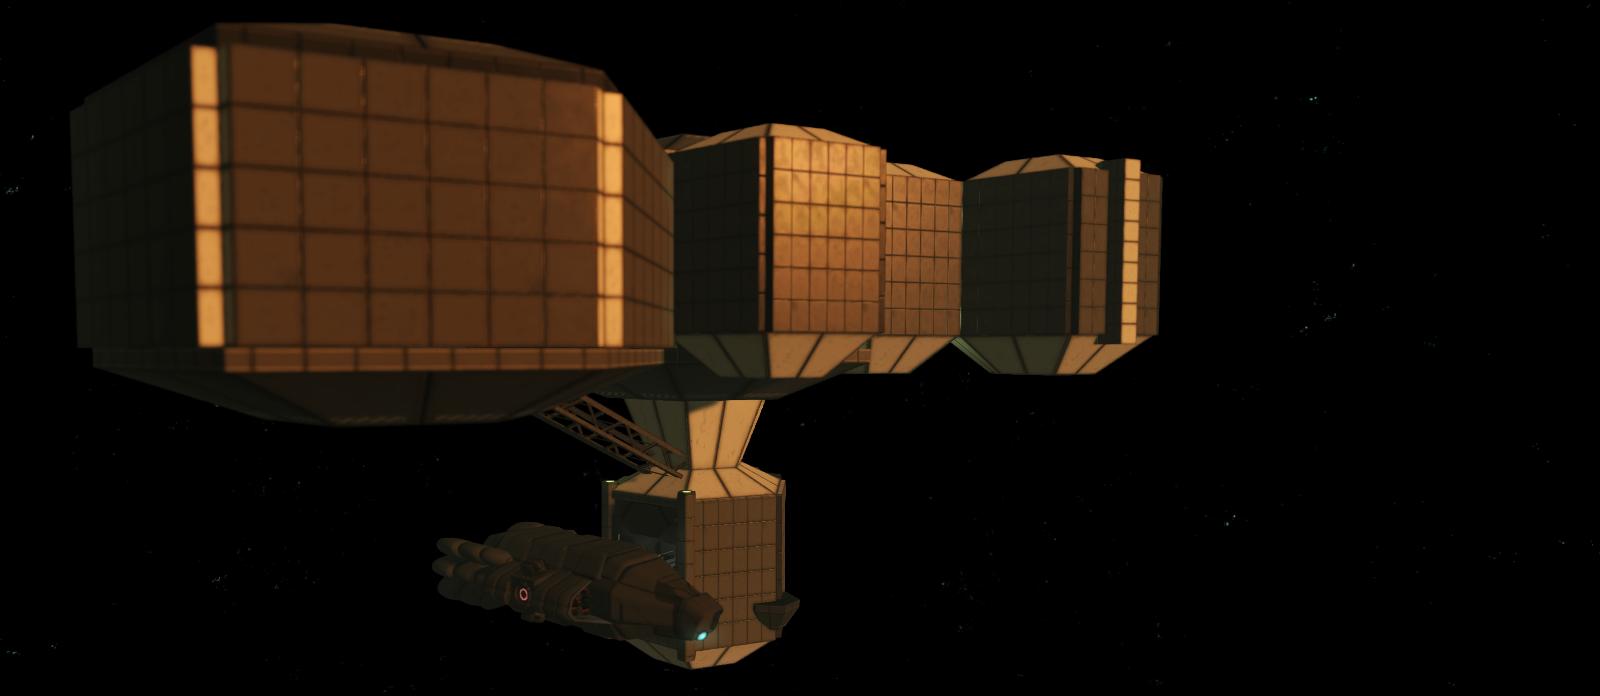 A space ship